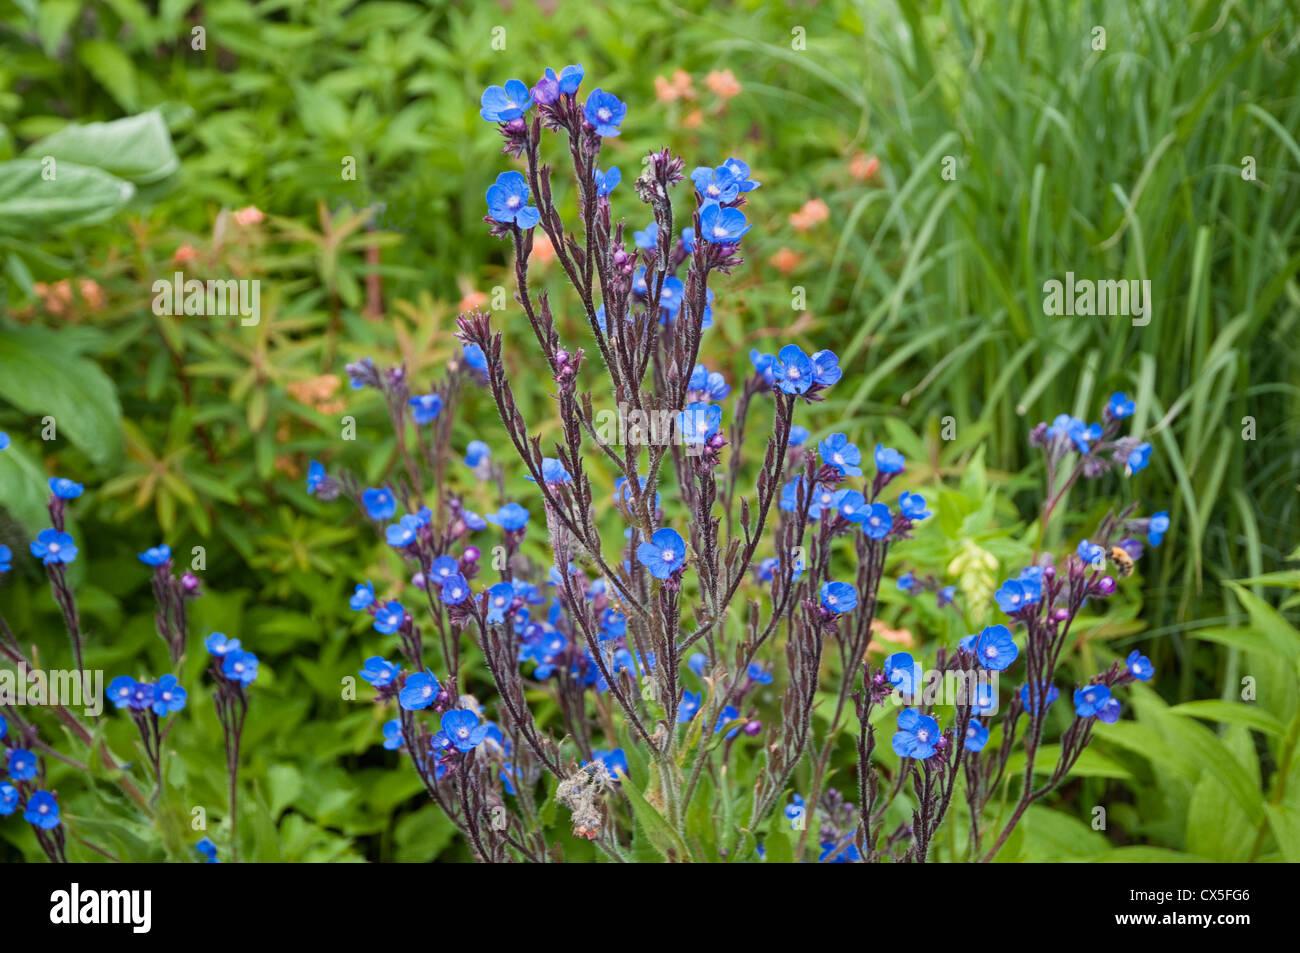 Anchusa Azurea - eine leuchtend blau blühende Pflanze - wachsen innerhalb einer krautigen Grenze in einem englischen Stockbild